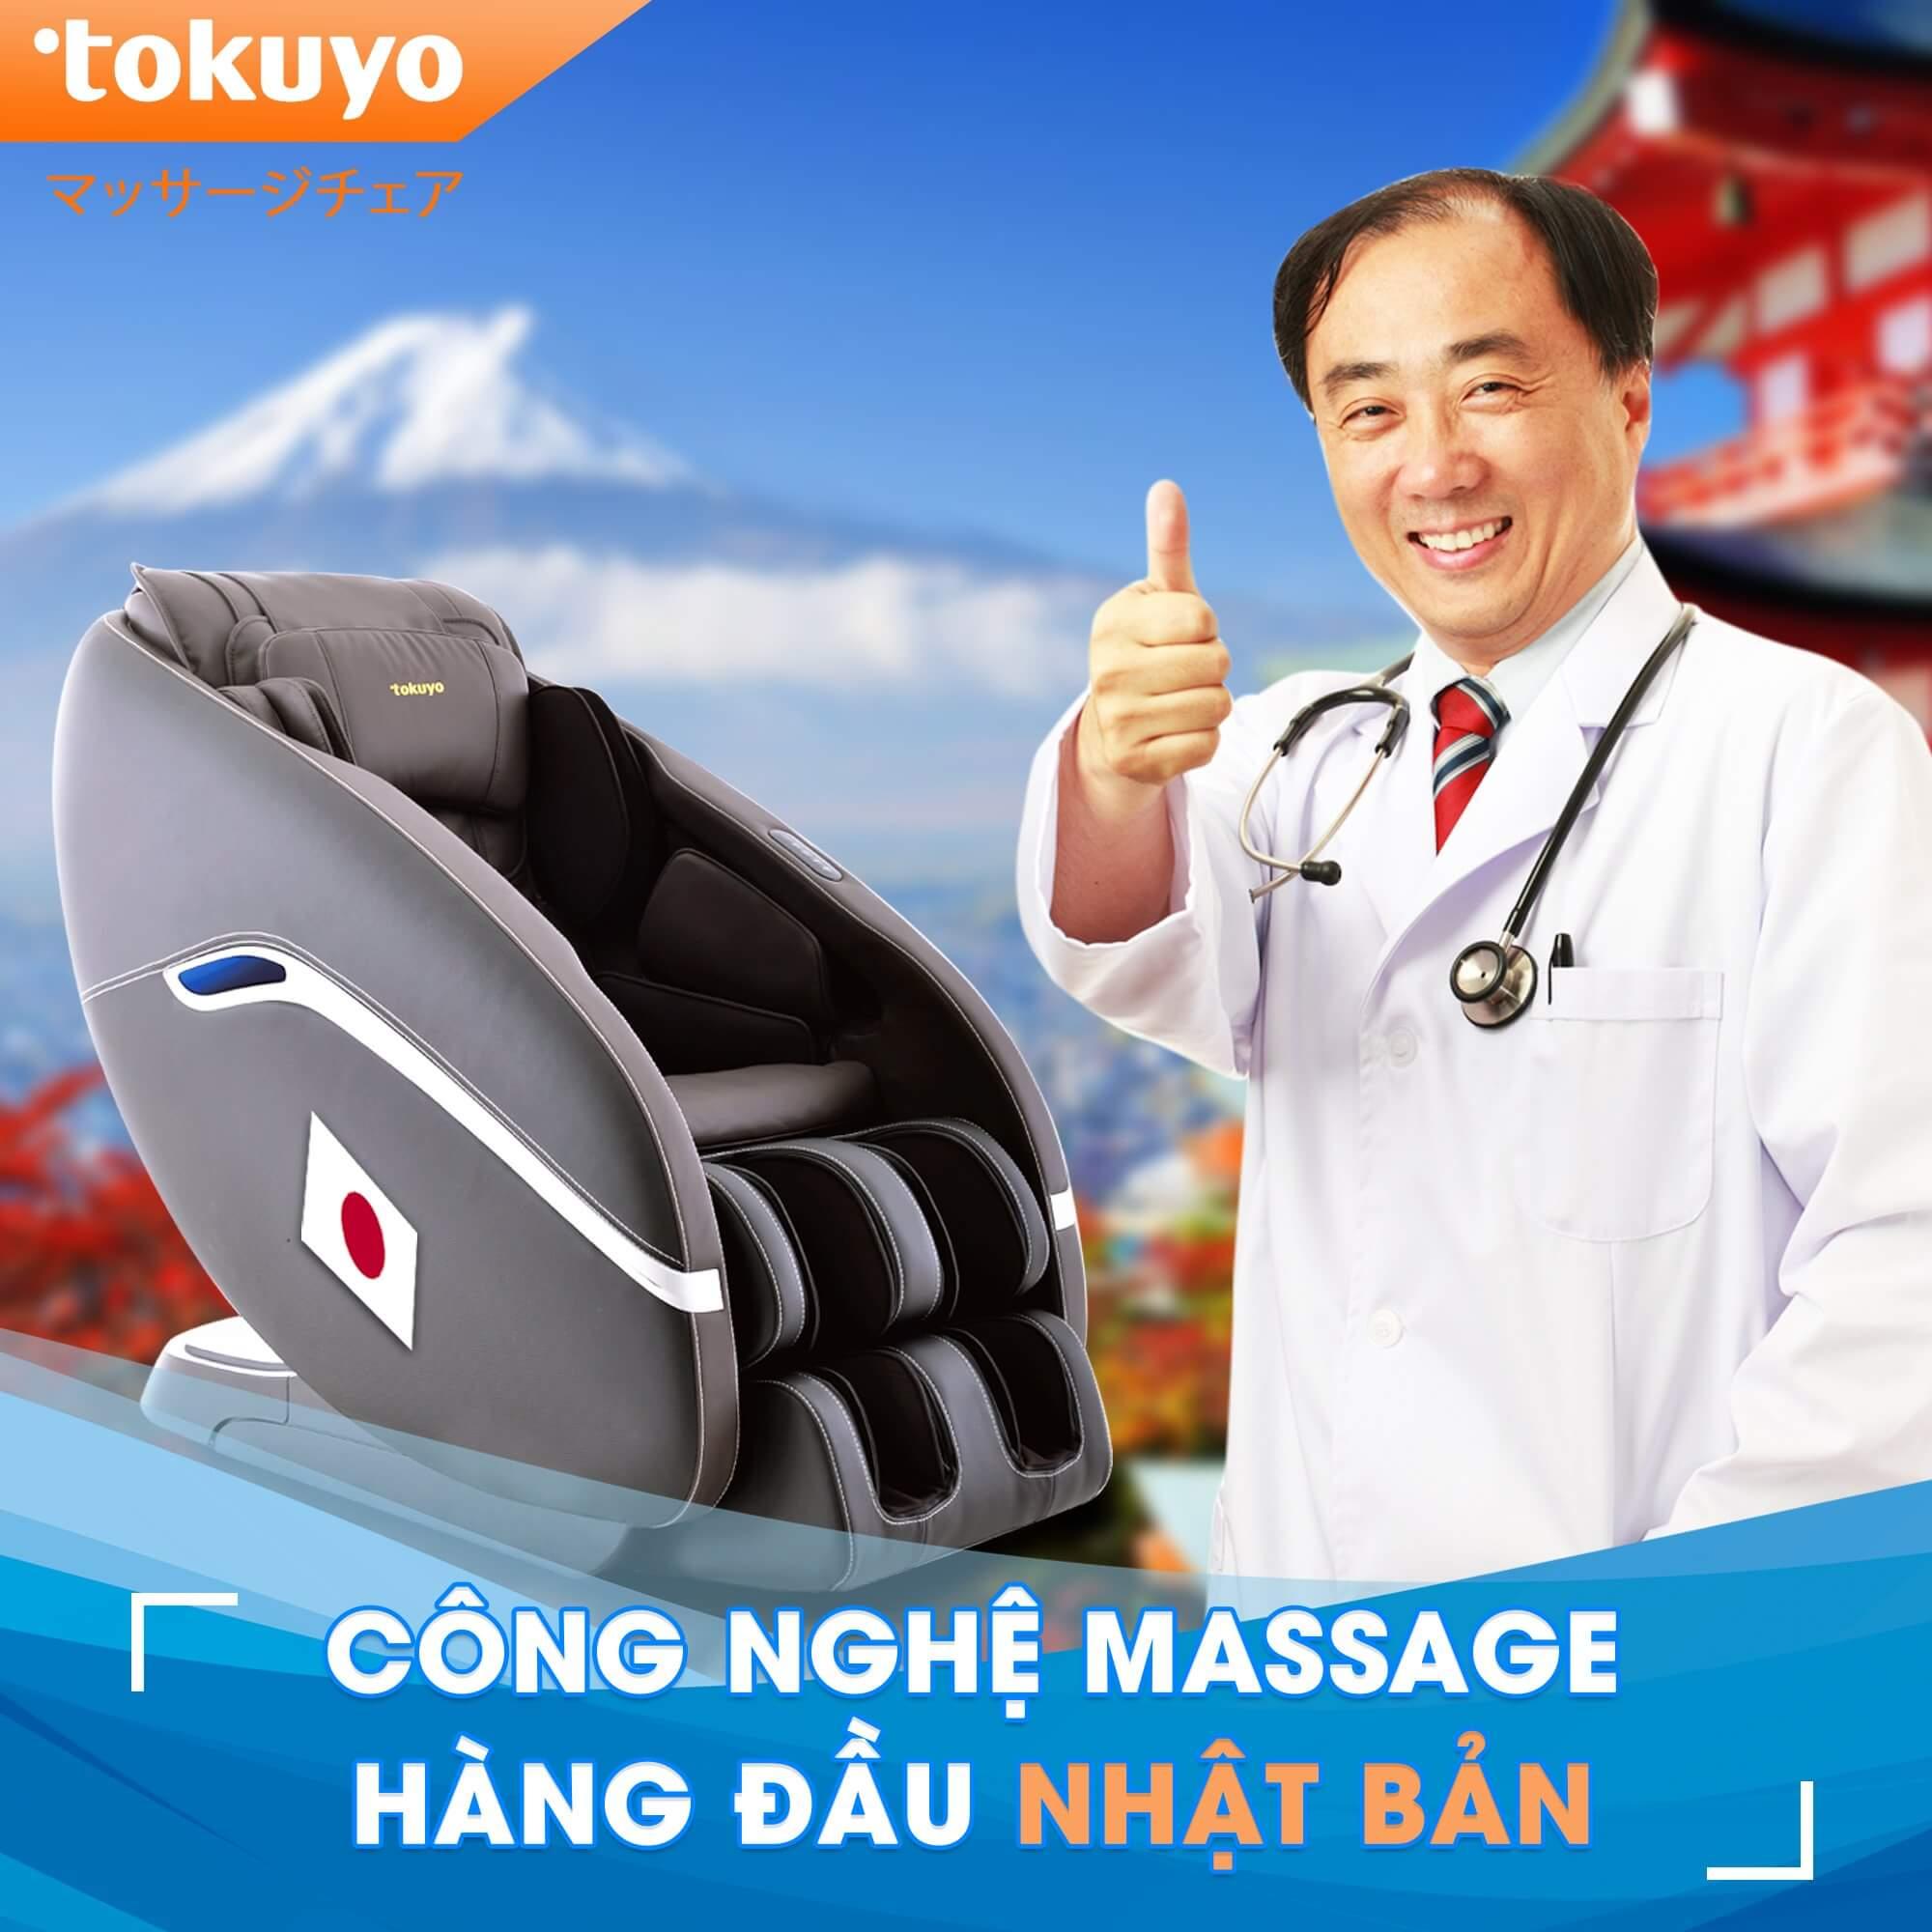 Tại sao bạn lại bị đau khi sử dụng ghế massage